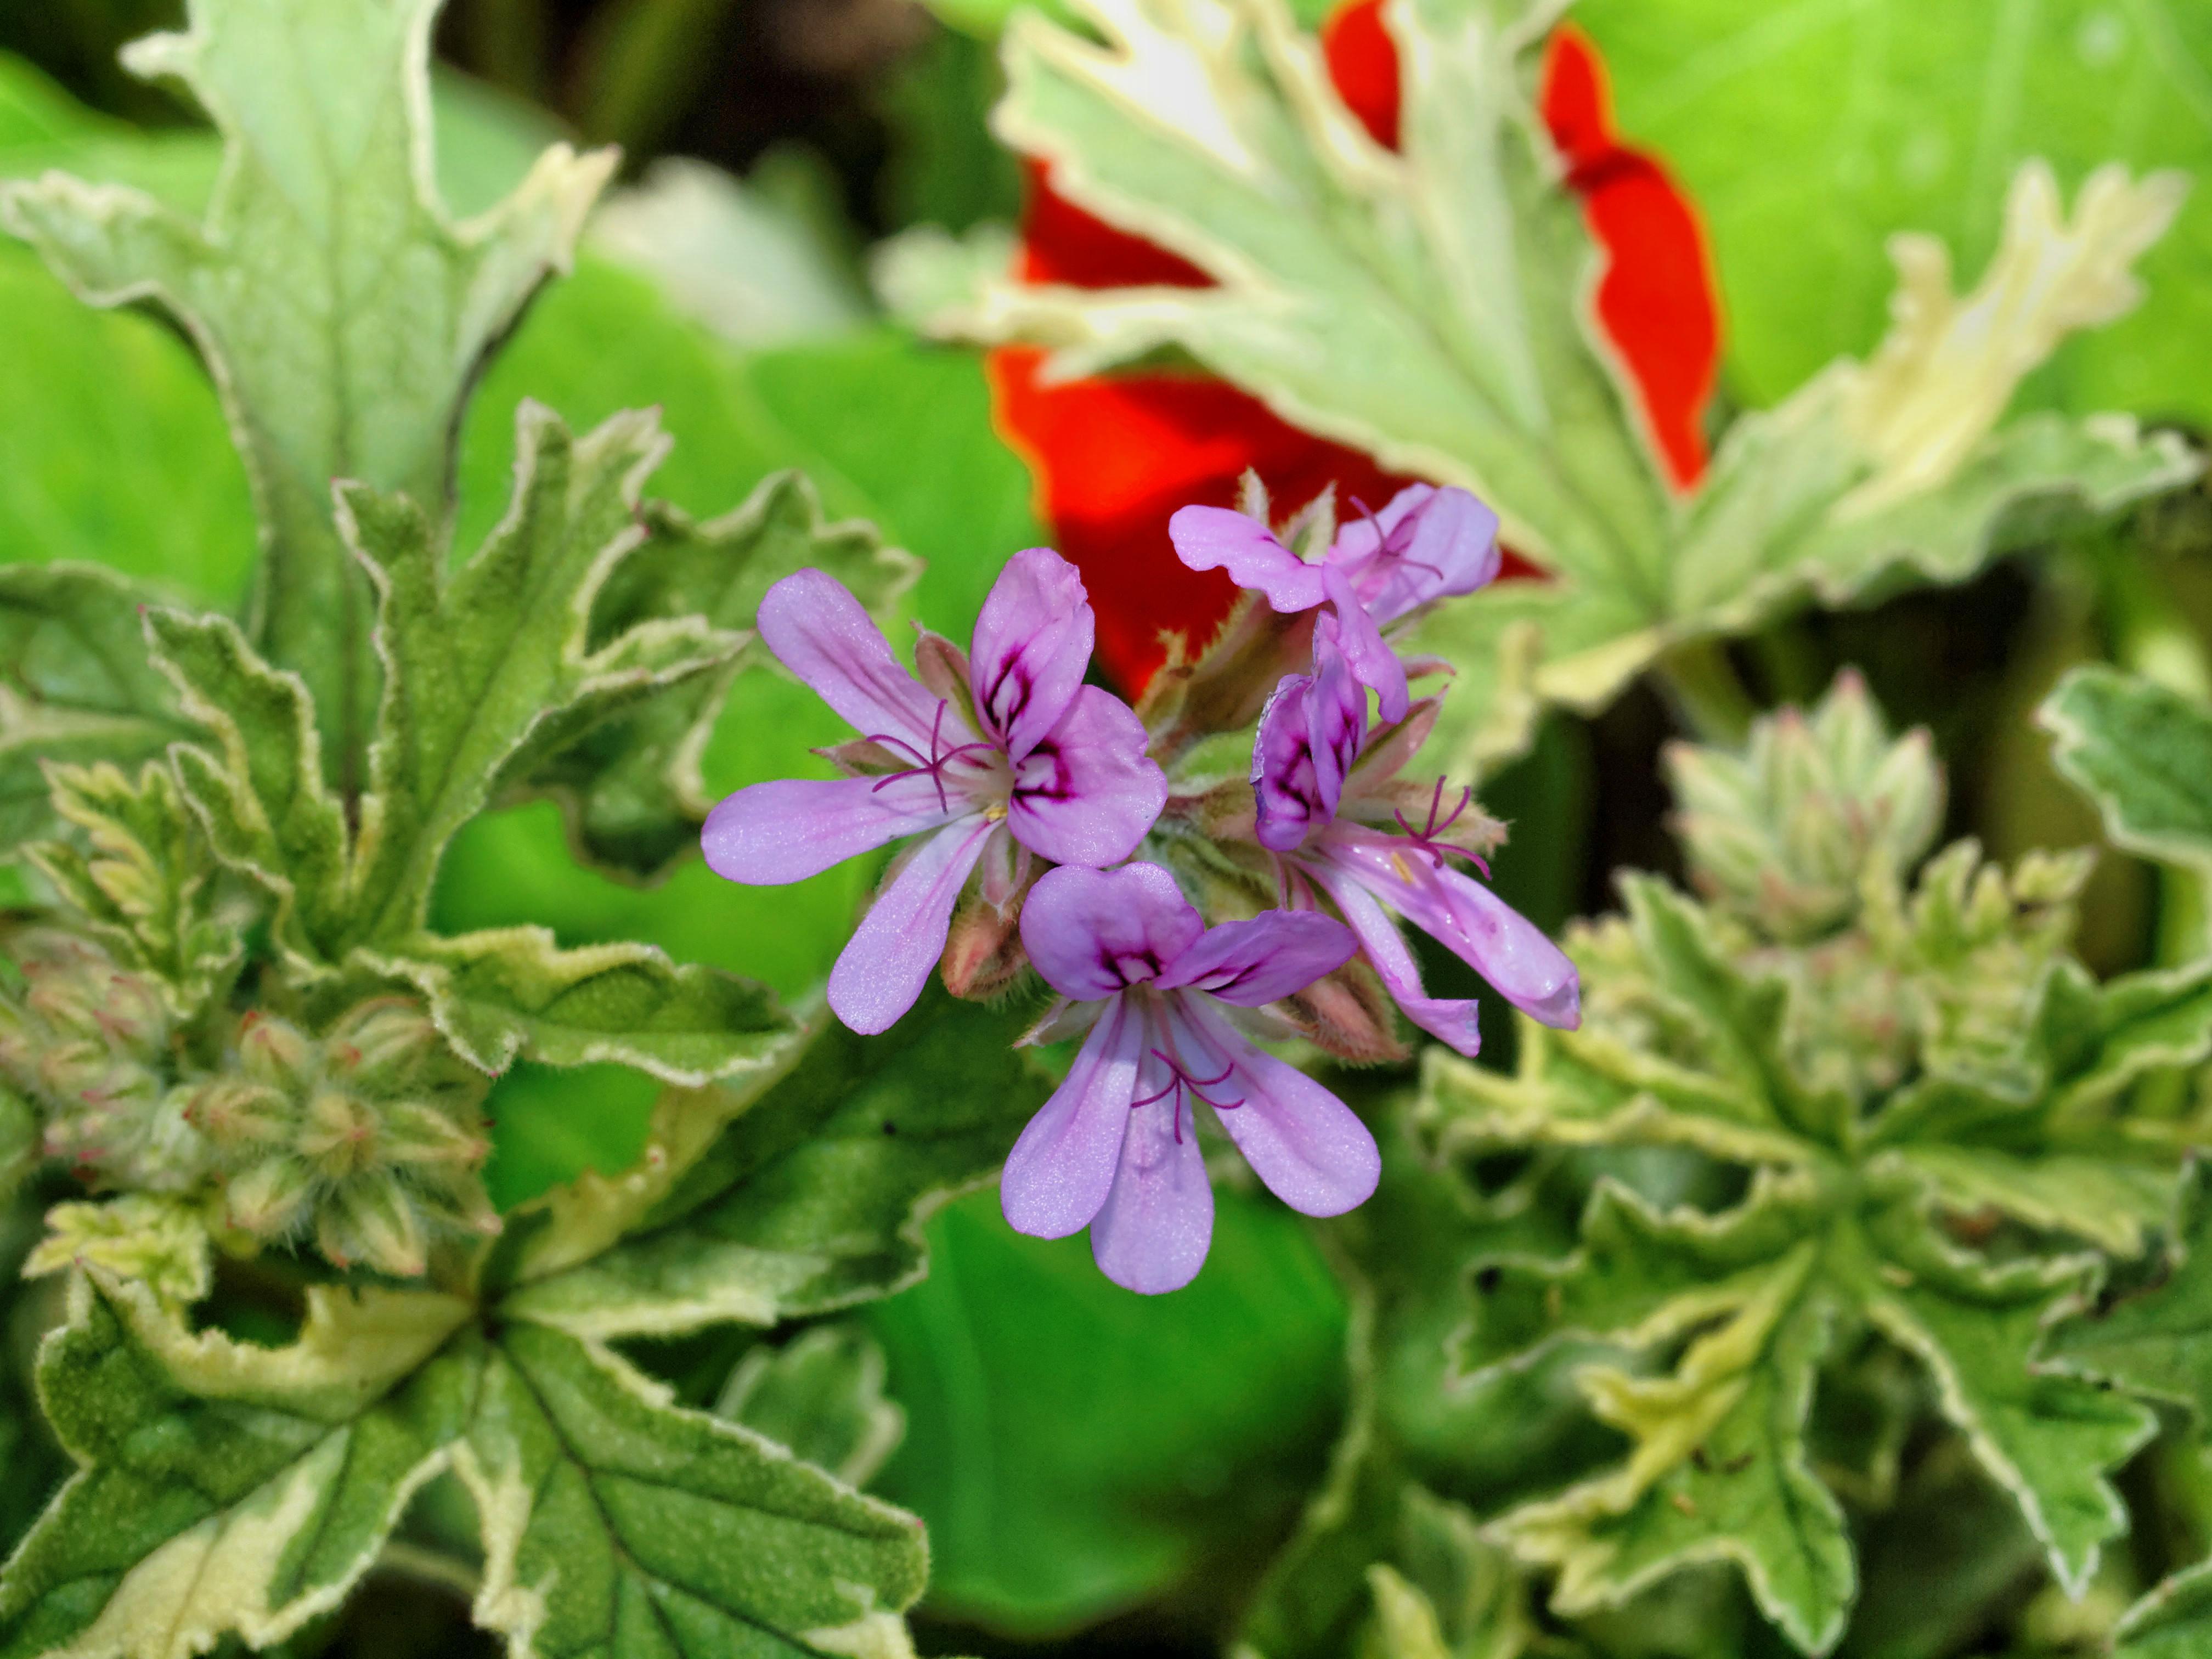 Pelargonium-9.jpeg